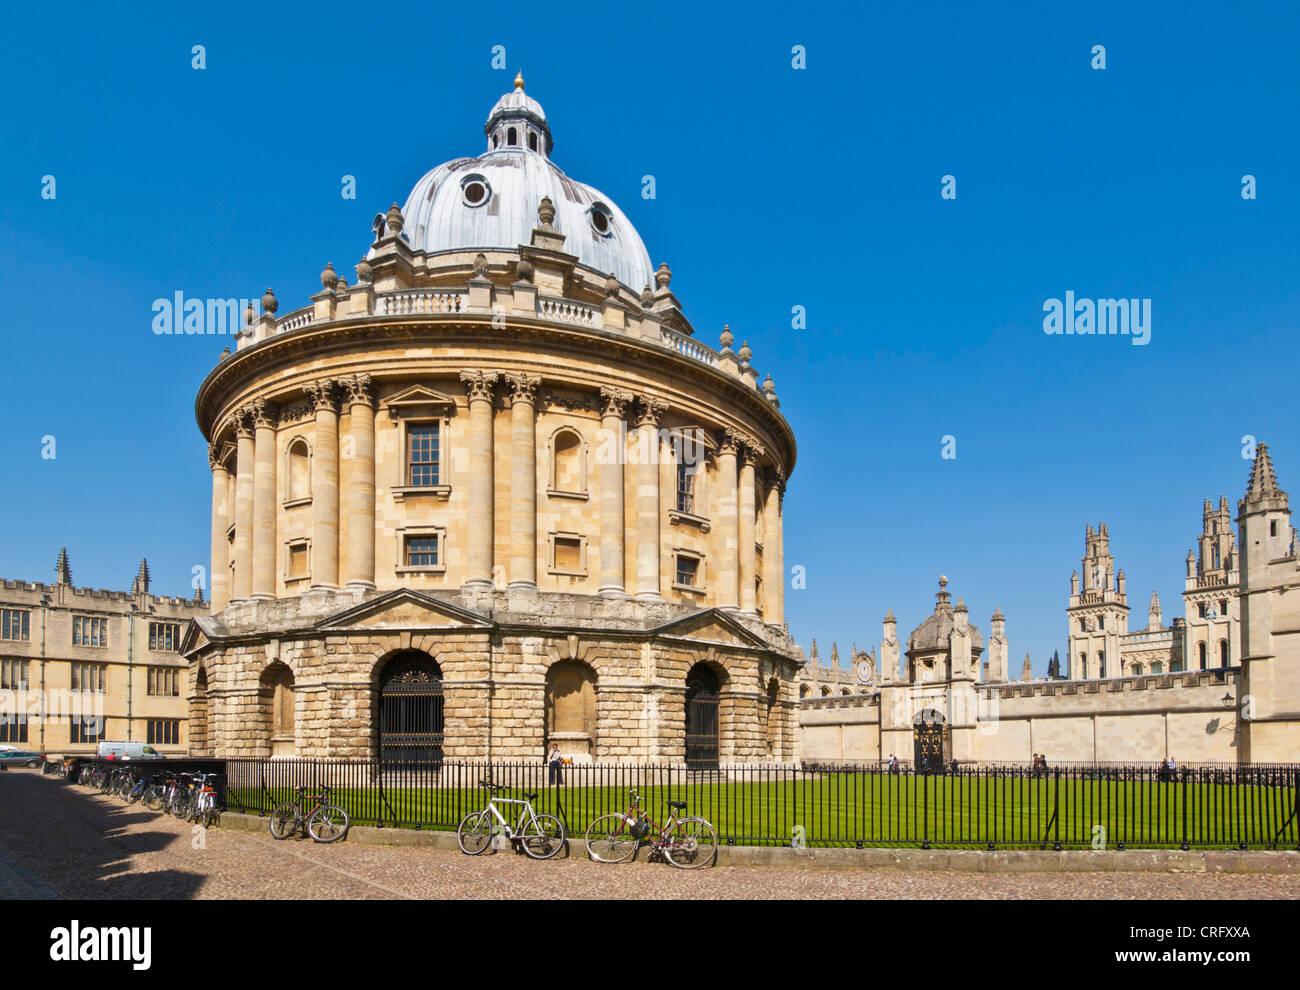 Radcliffe Camera città universitaria di Oxford, Oxfordshire, England Regno unito Gb europa Immagini Stock